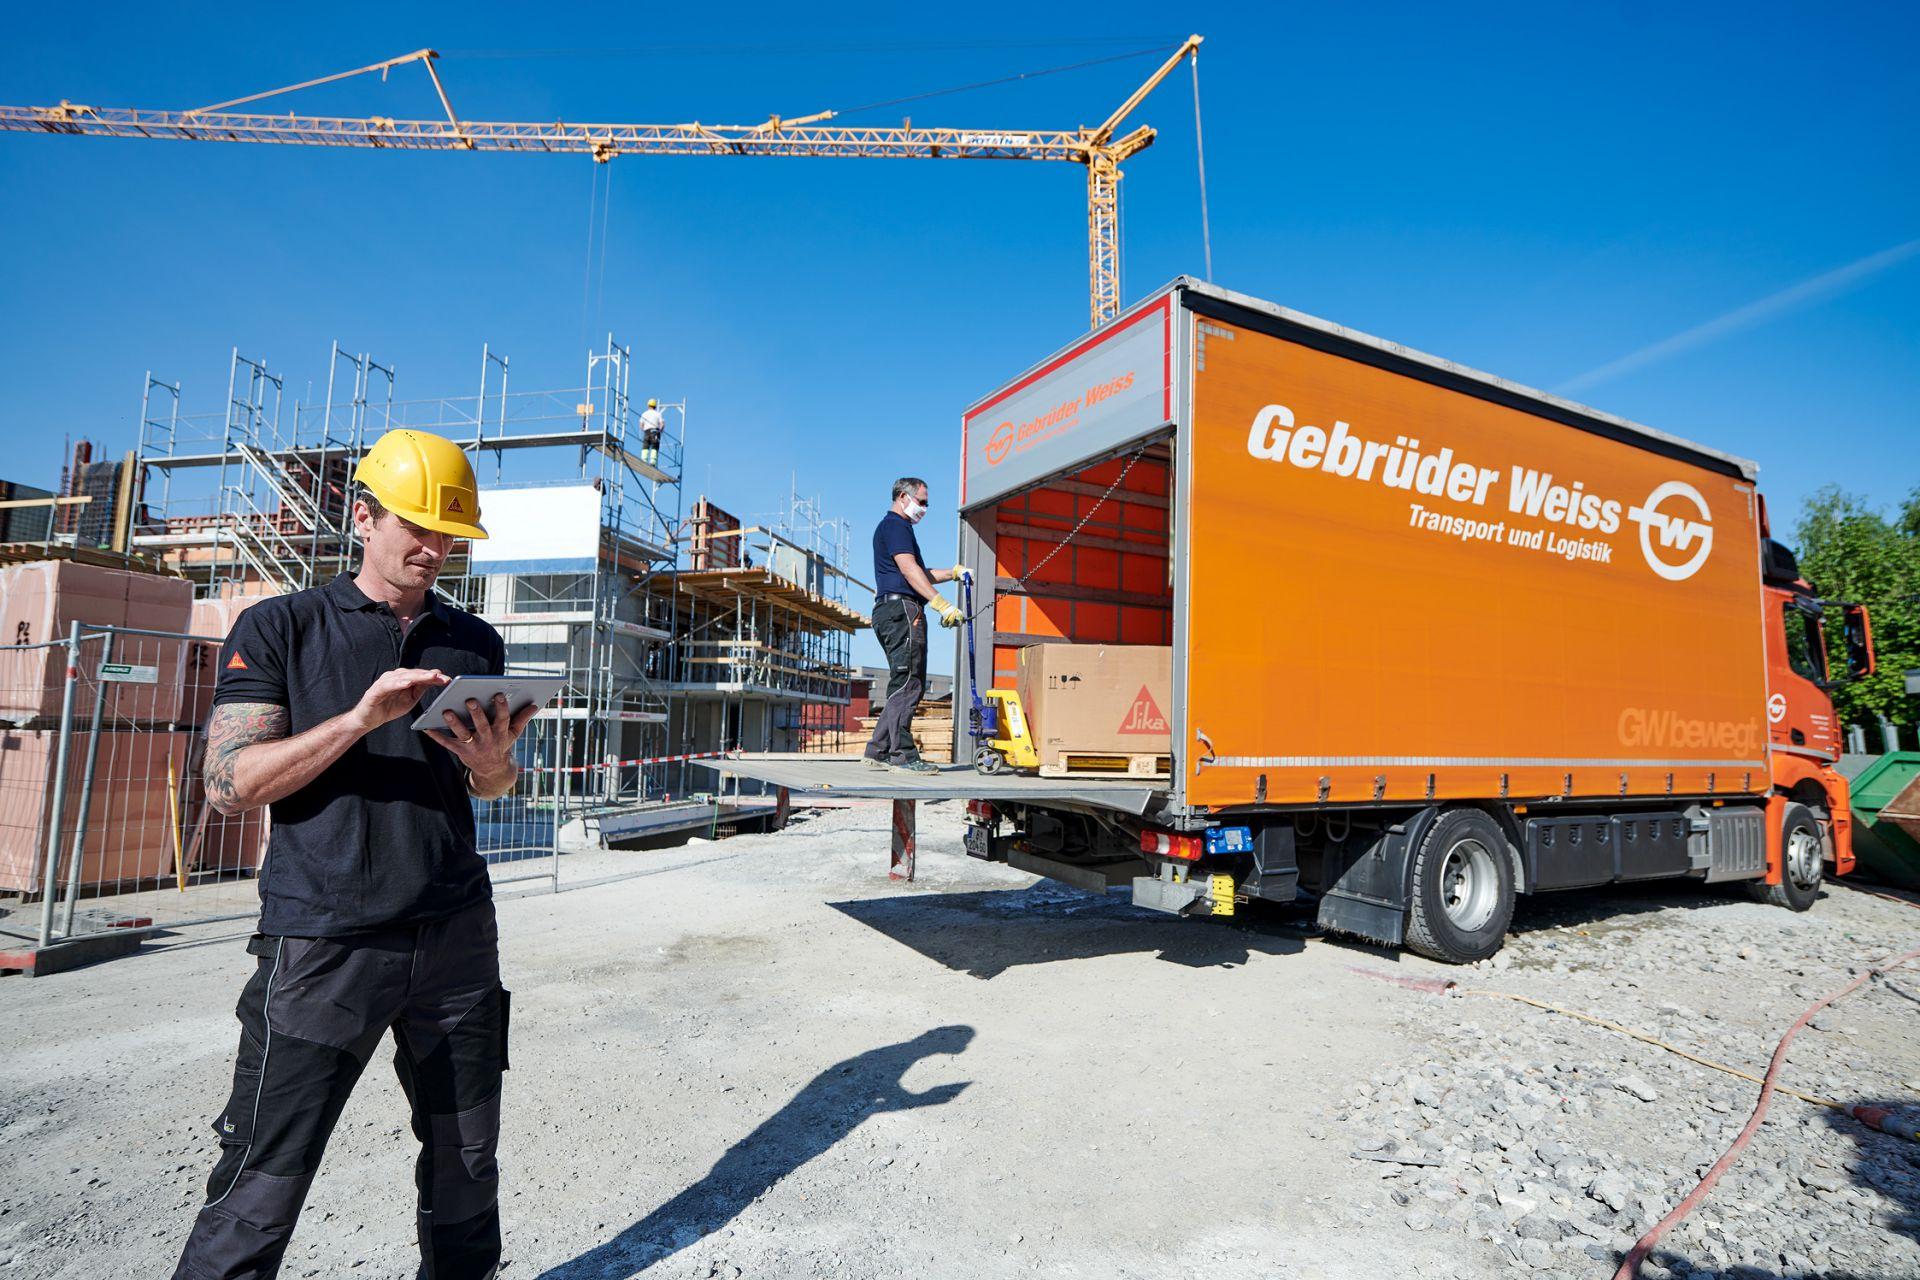 С индикирането на приблизително време за доставка (ETA) на праткитр, Гебрюдер Вайс предлага на своите клиенти още по-голяма надеждност за планирането. (Източник: Gebrüder Weiss / Marcel Hagen).